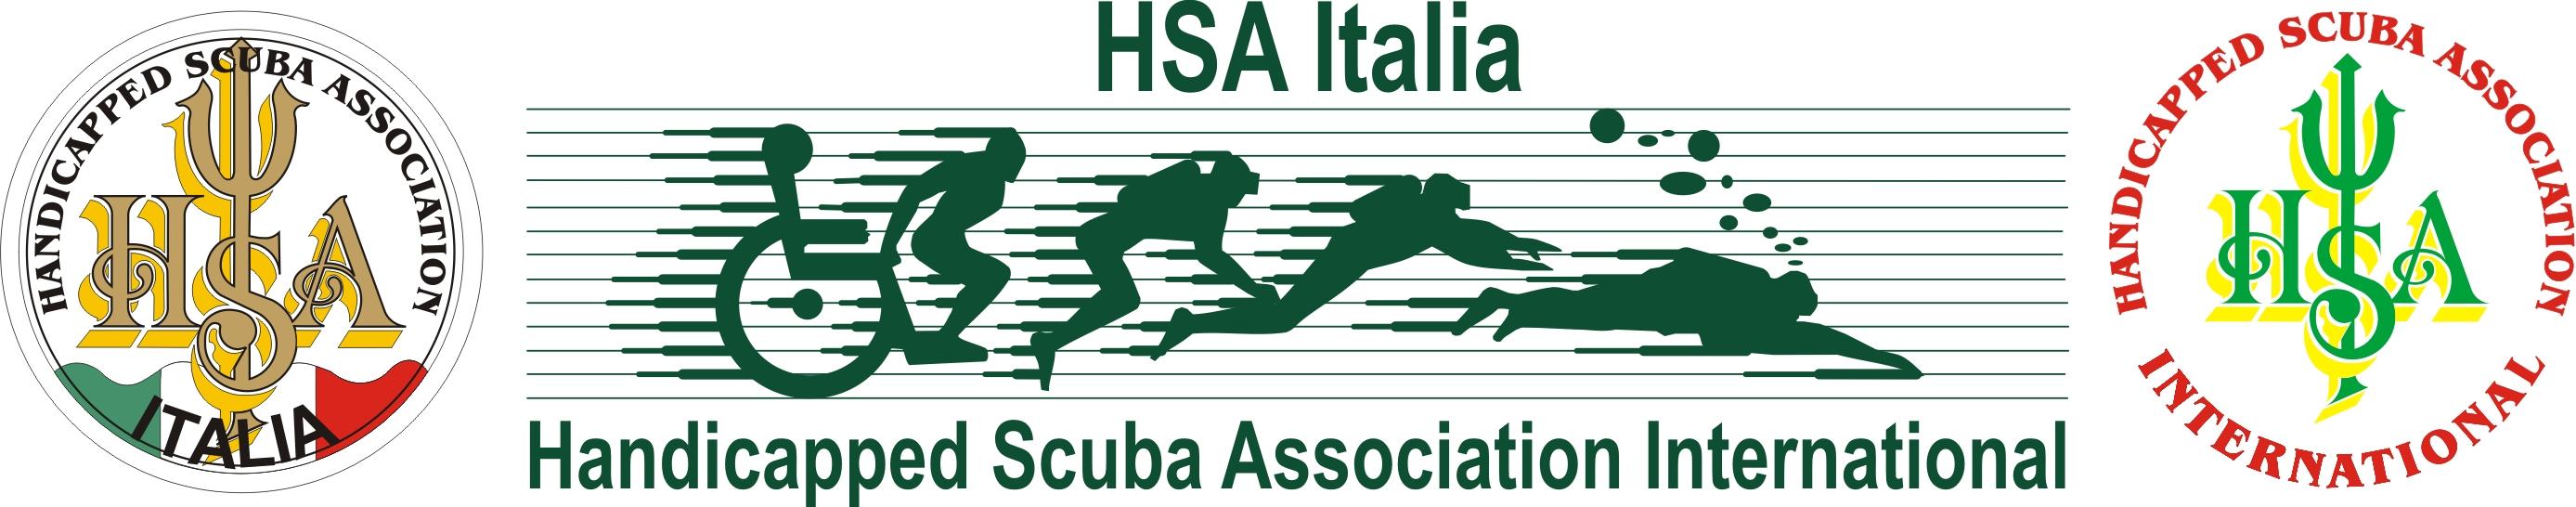 HSA_logos